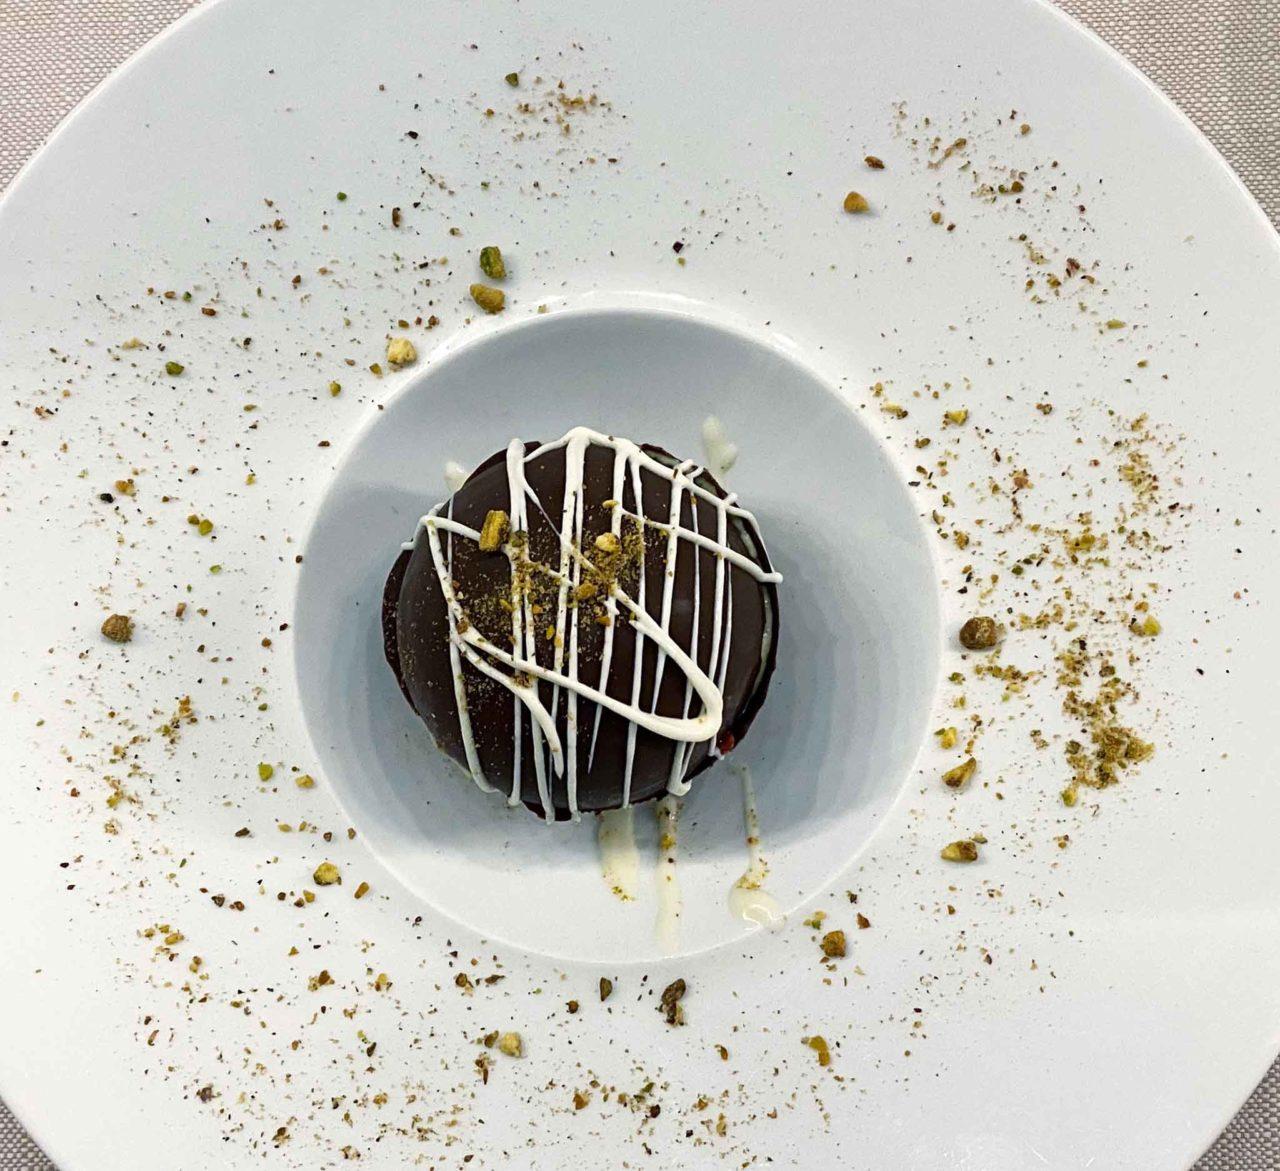 cioccolato Rimini GB restaurant hotel Baldinini